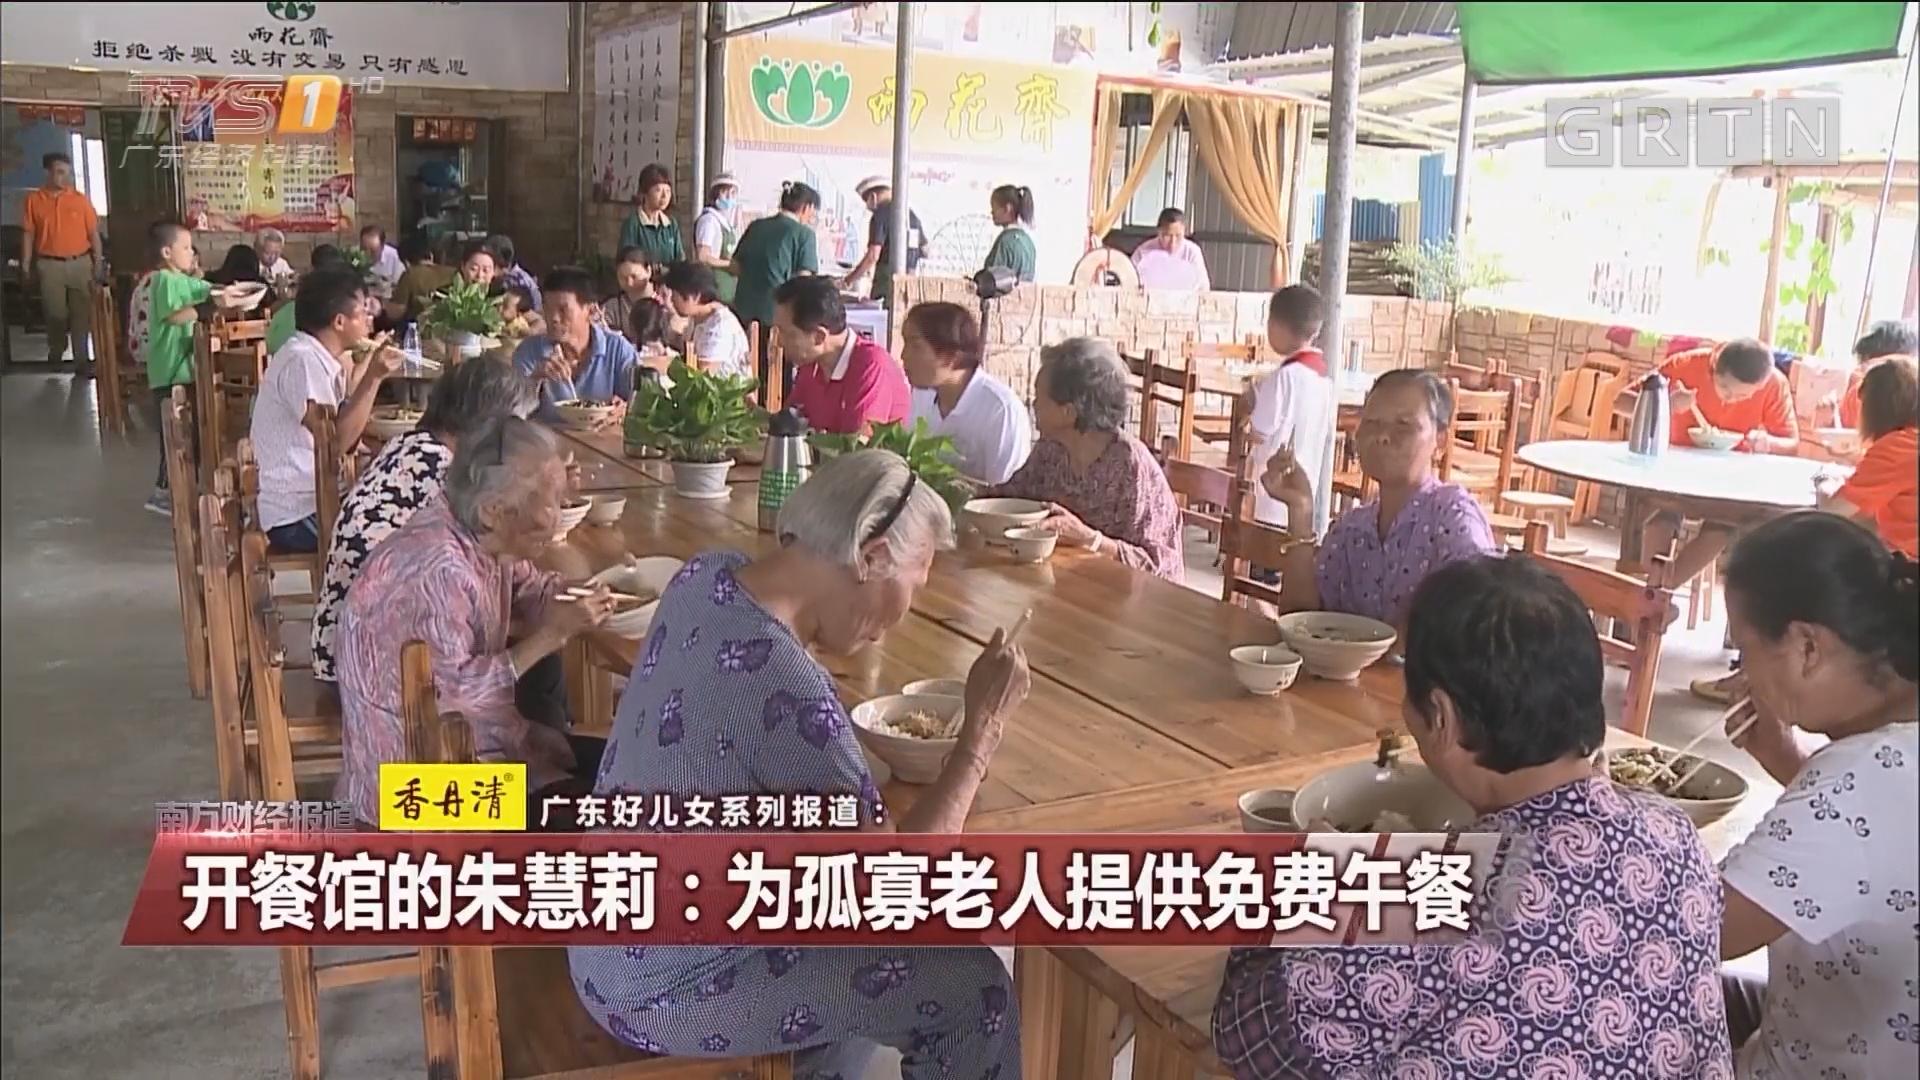 开餐馆的朱慧莉:为孤寡老人提供免费午餐